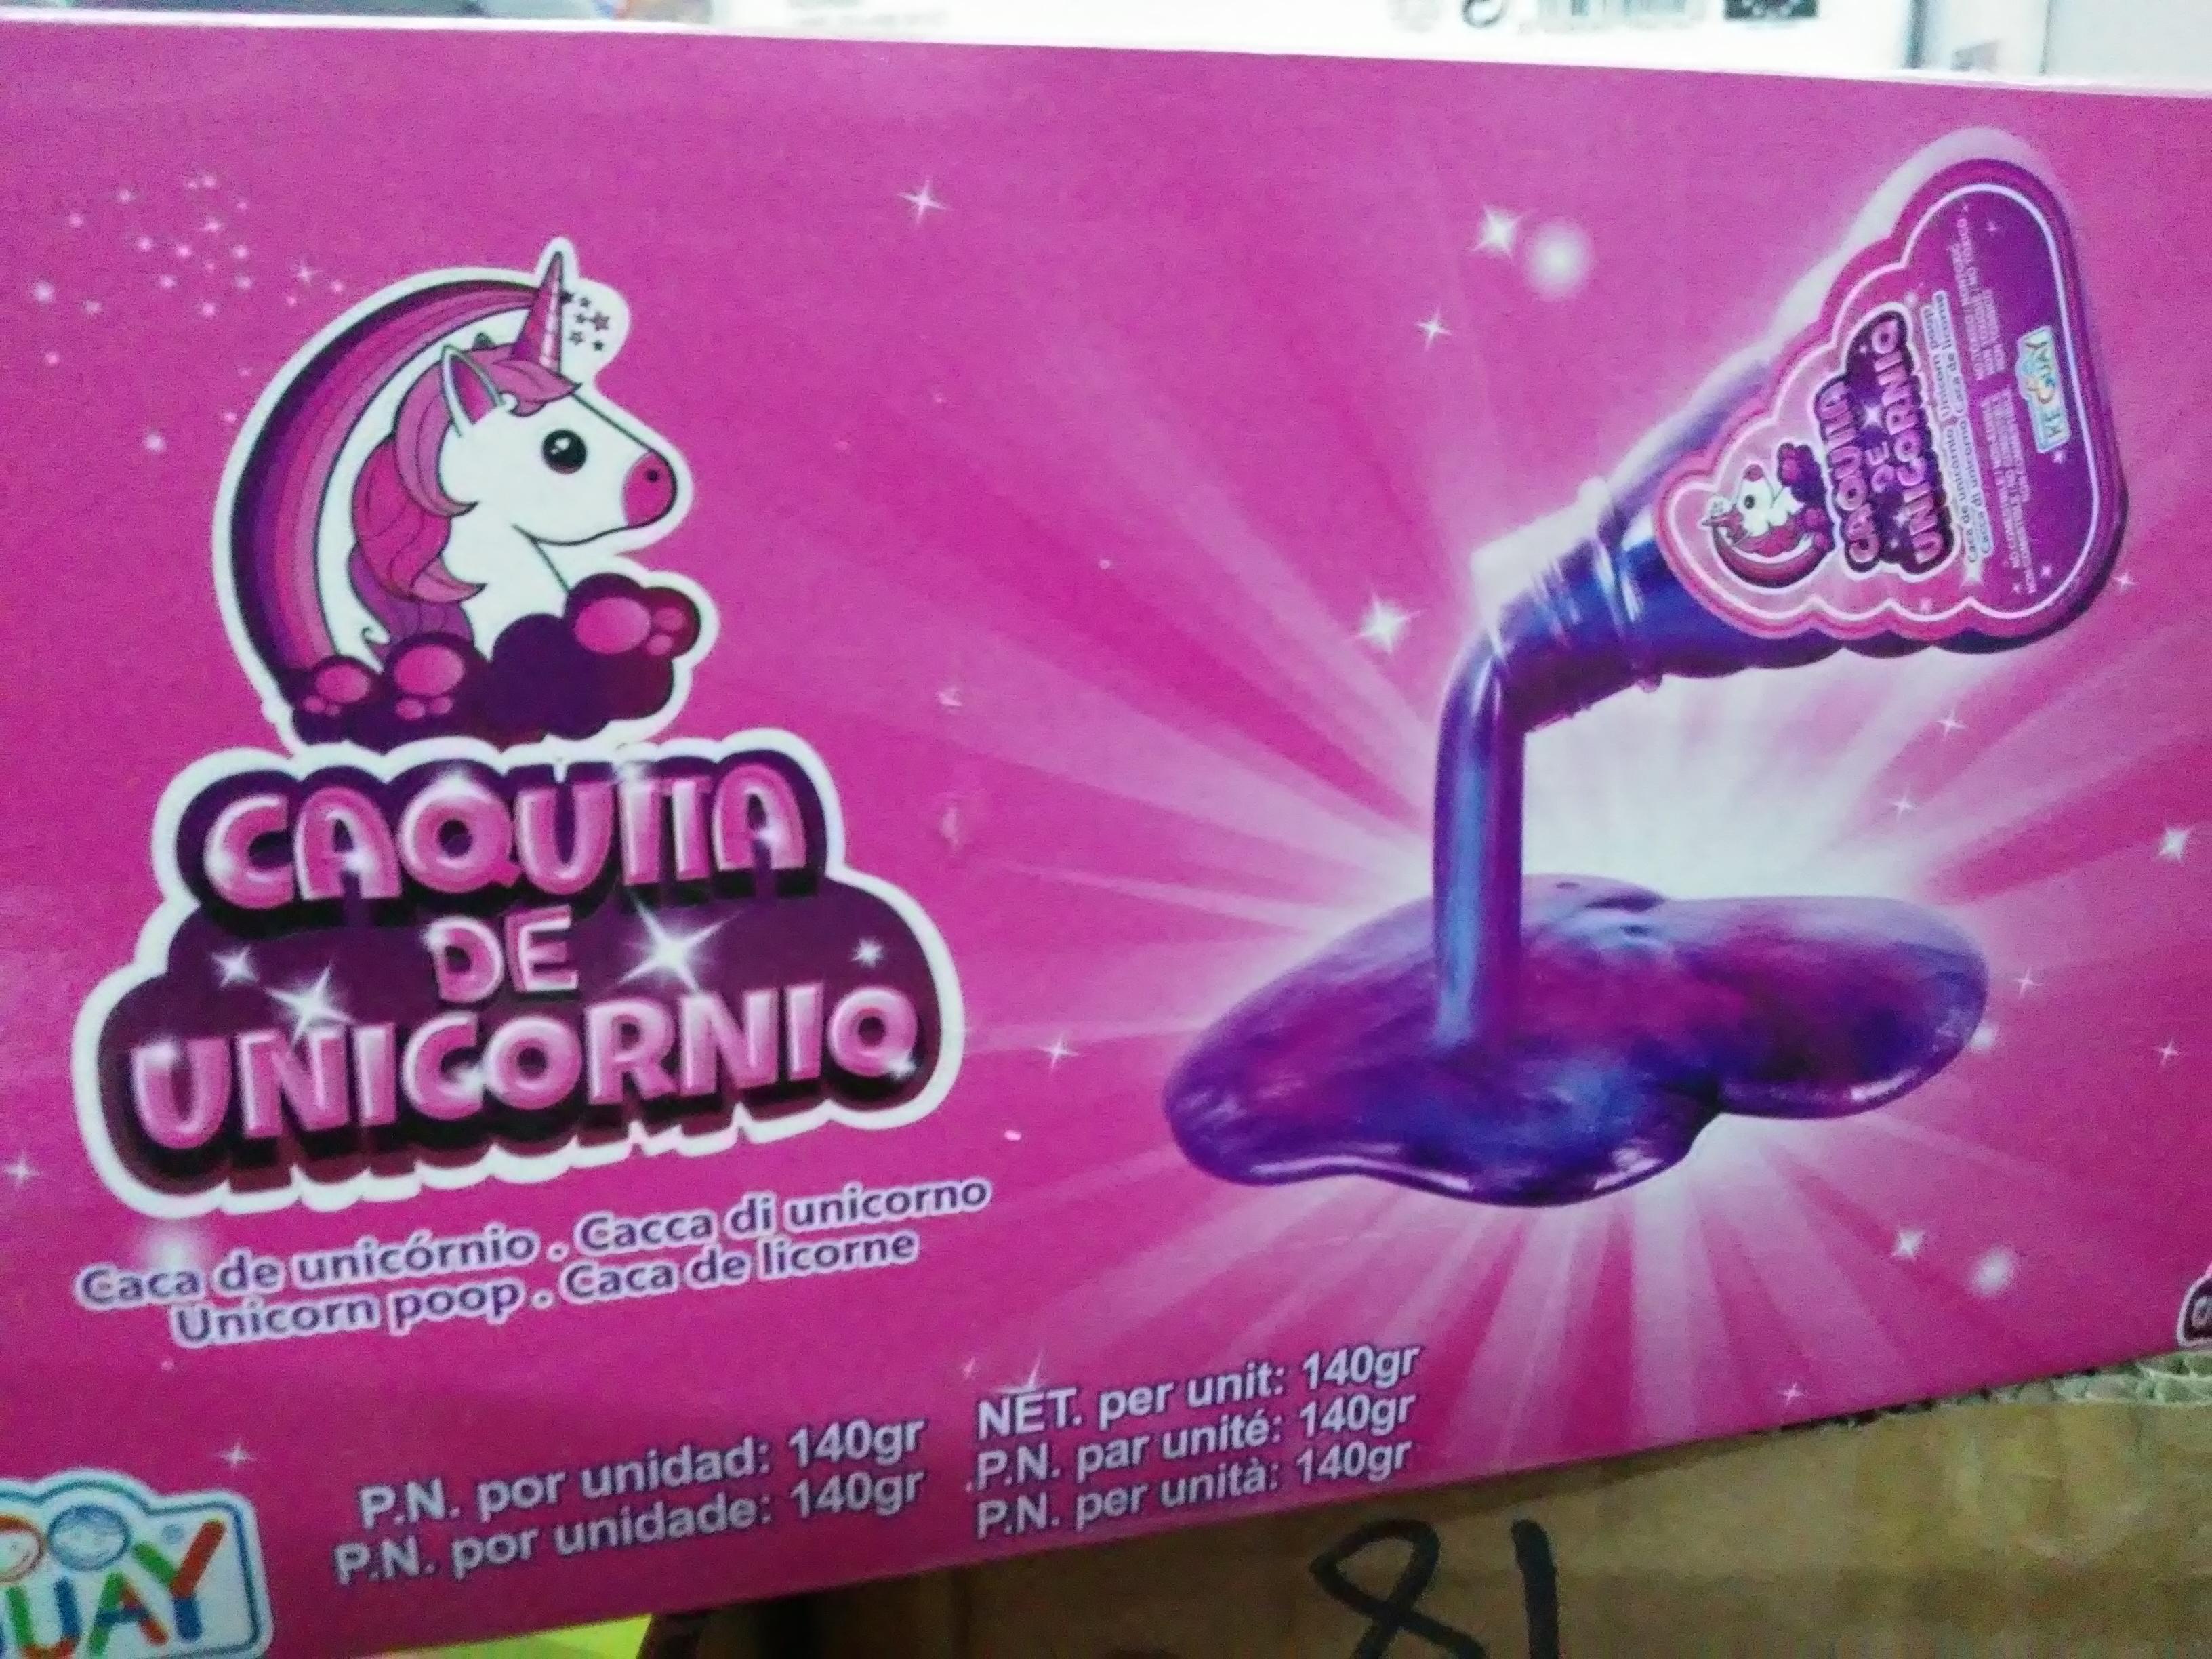 Caquita de unicornio (MegaHogar del Bazar el Moro de Petrer en Alicante)